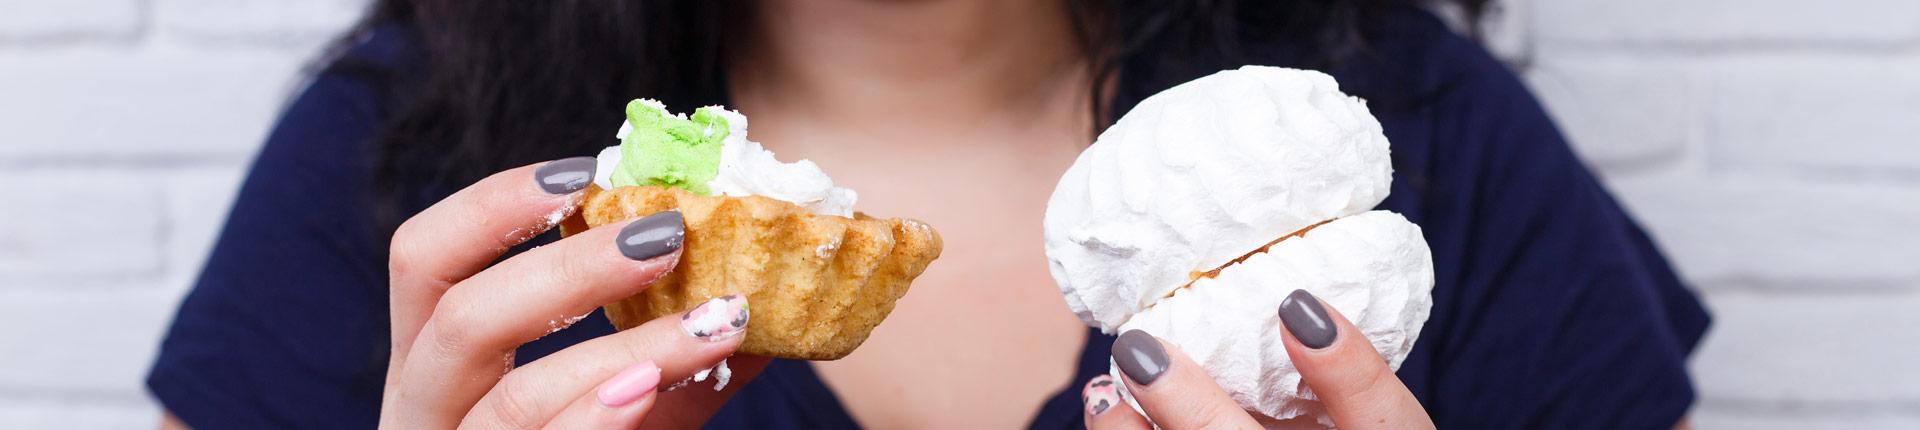 Jak pokonać uzależnienie od cukru?